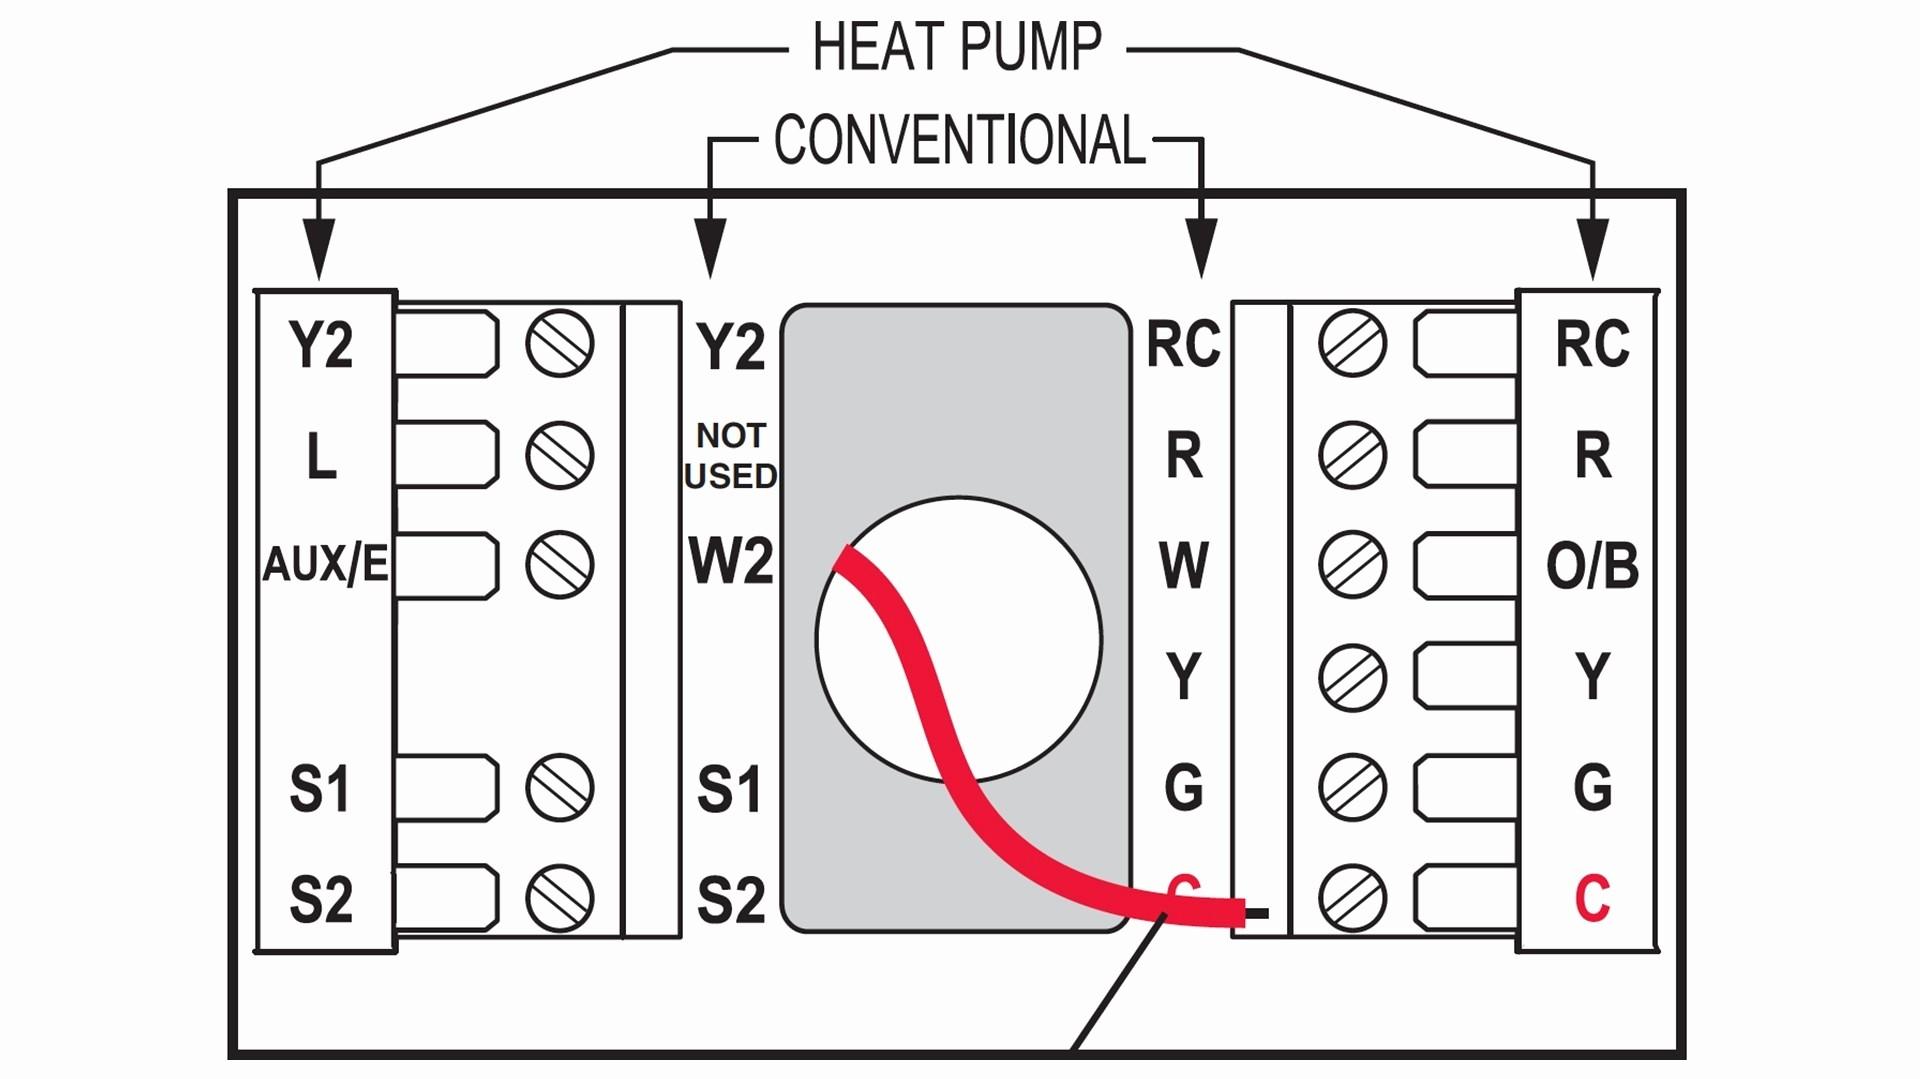 Wiring Diagram Emerson thermostat Wiring Diagram Luxury Heat Pump